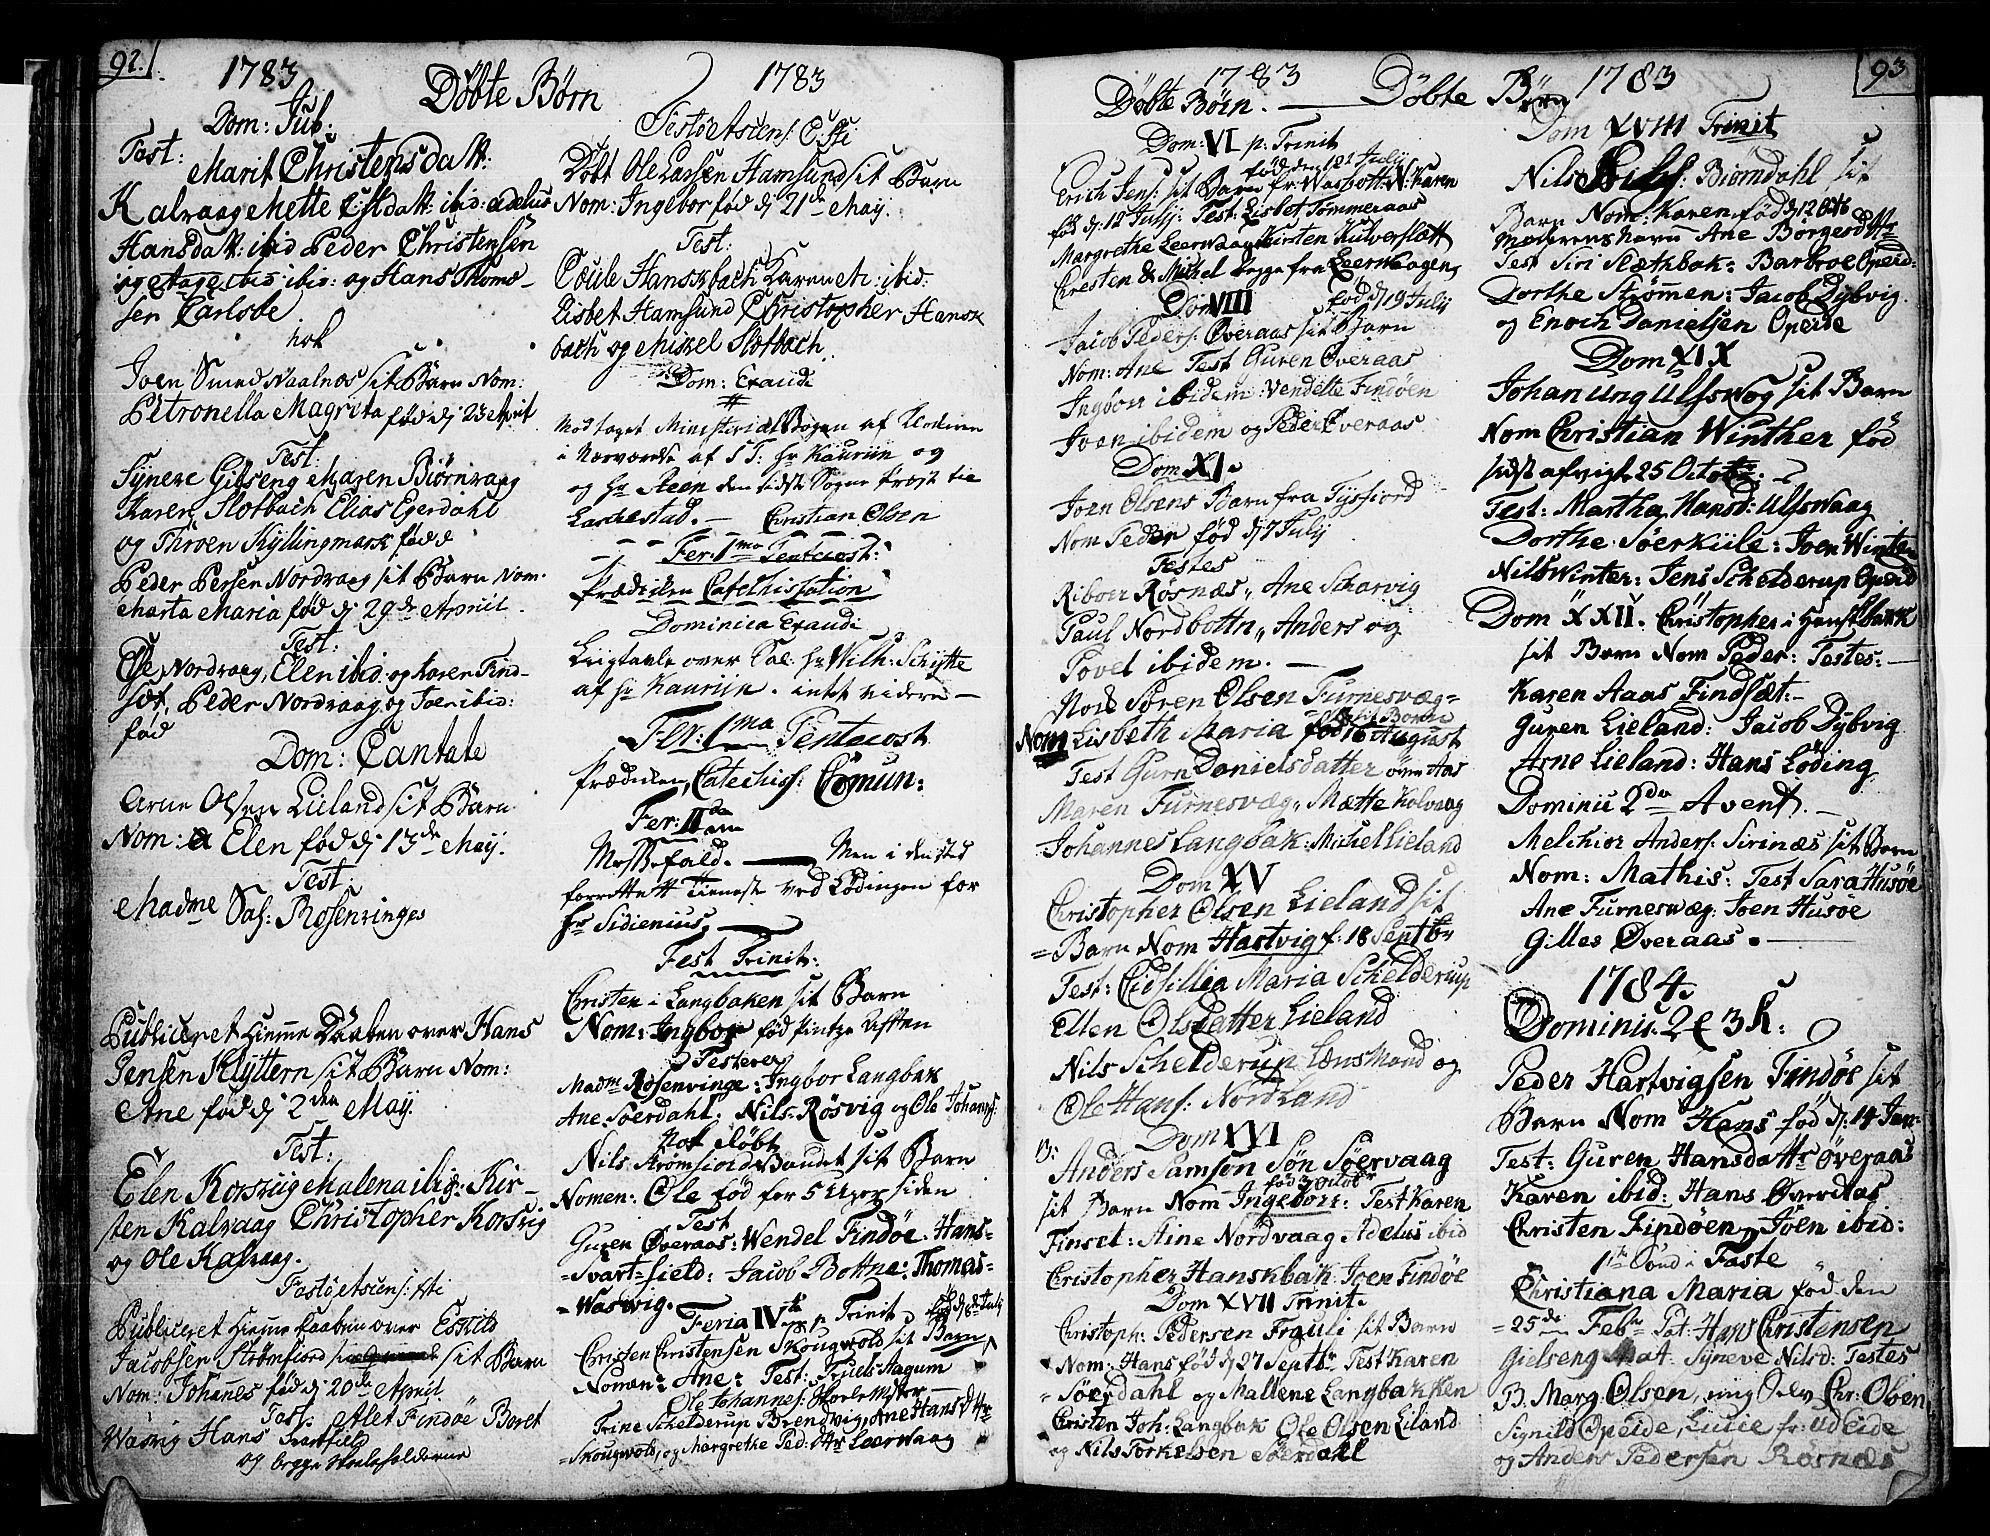 SAT, Ministerialprotokoller, klokkerbøker og fødselsregistre - Nordland, 859/L0841: Parish register (official) no. 859A01, 1766-1821, p. 92-93